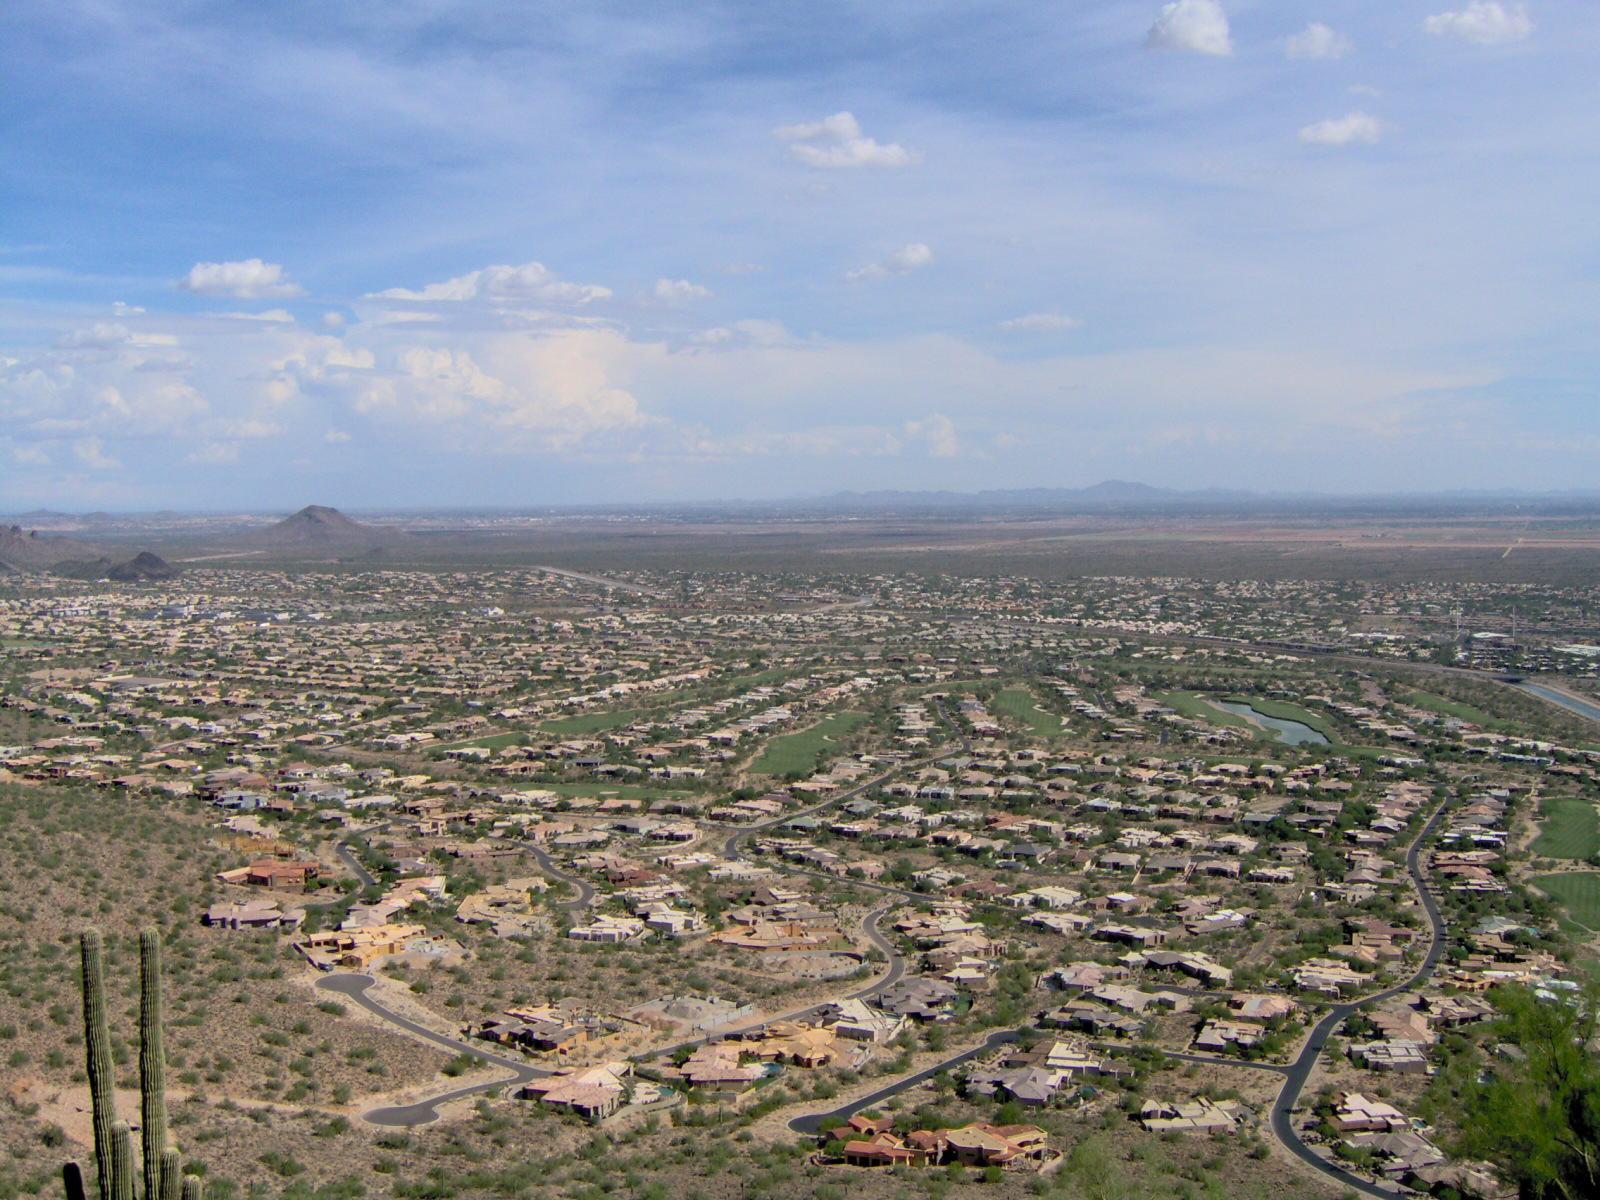 Przedmieścia Phoenix w Arizonie. fot. Dominic/Wikimedia Commons